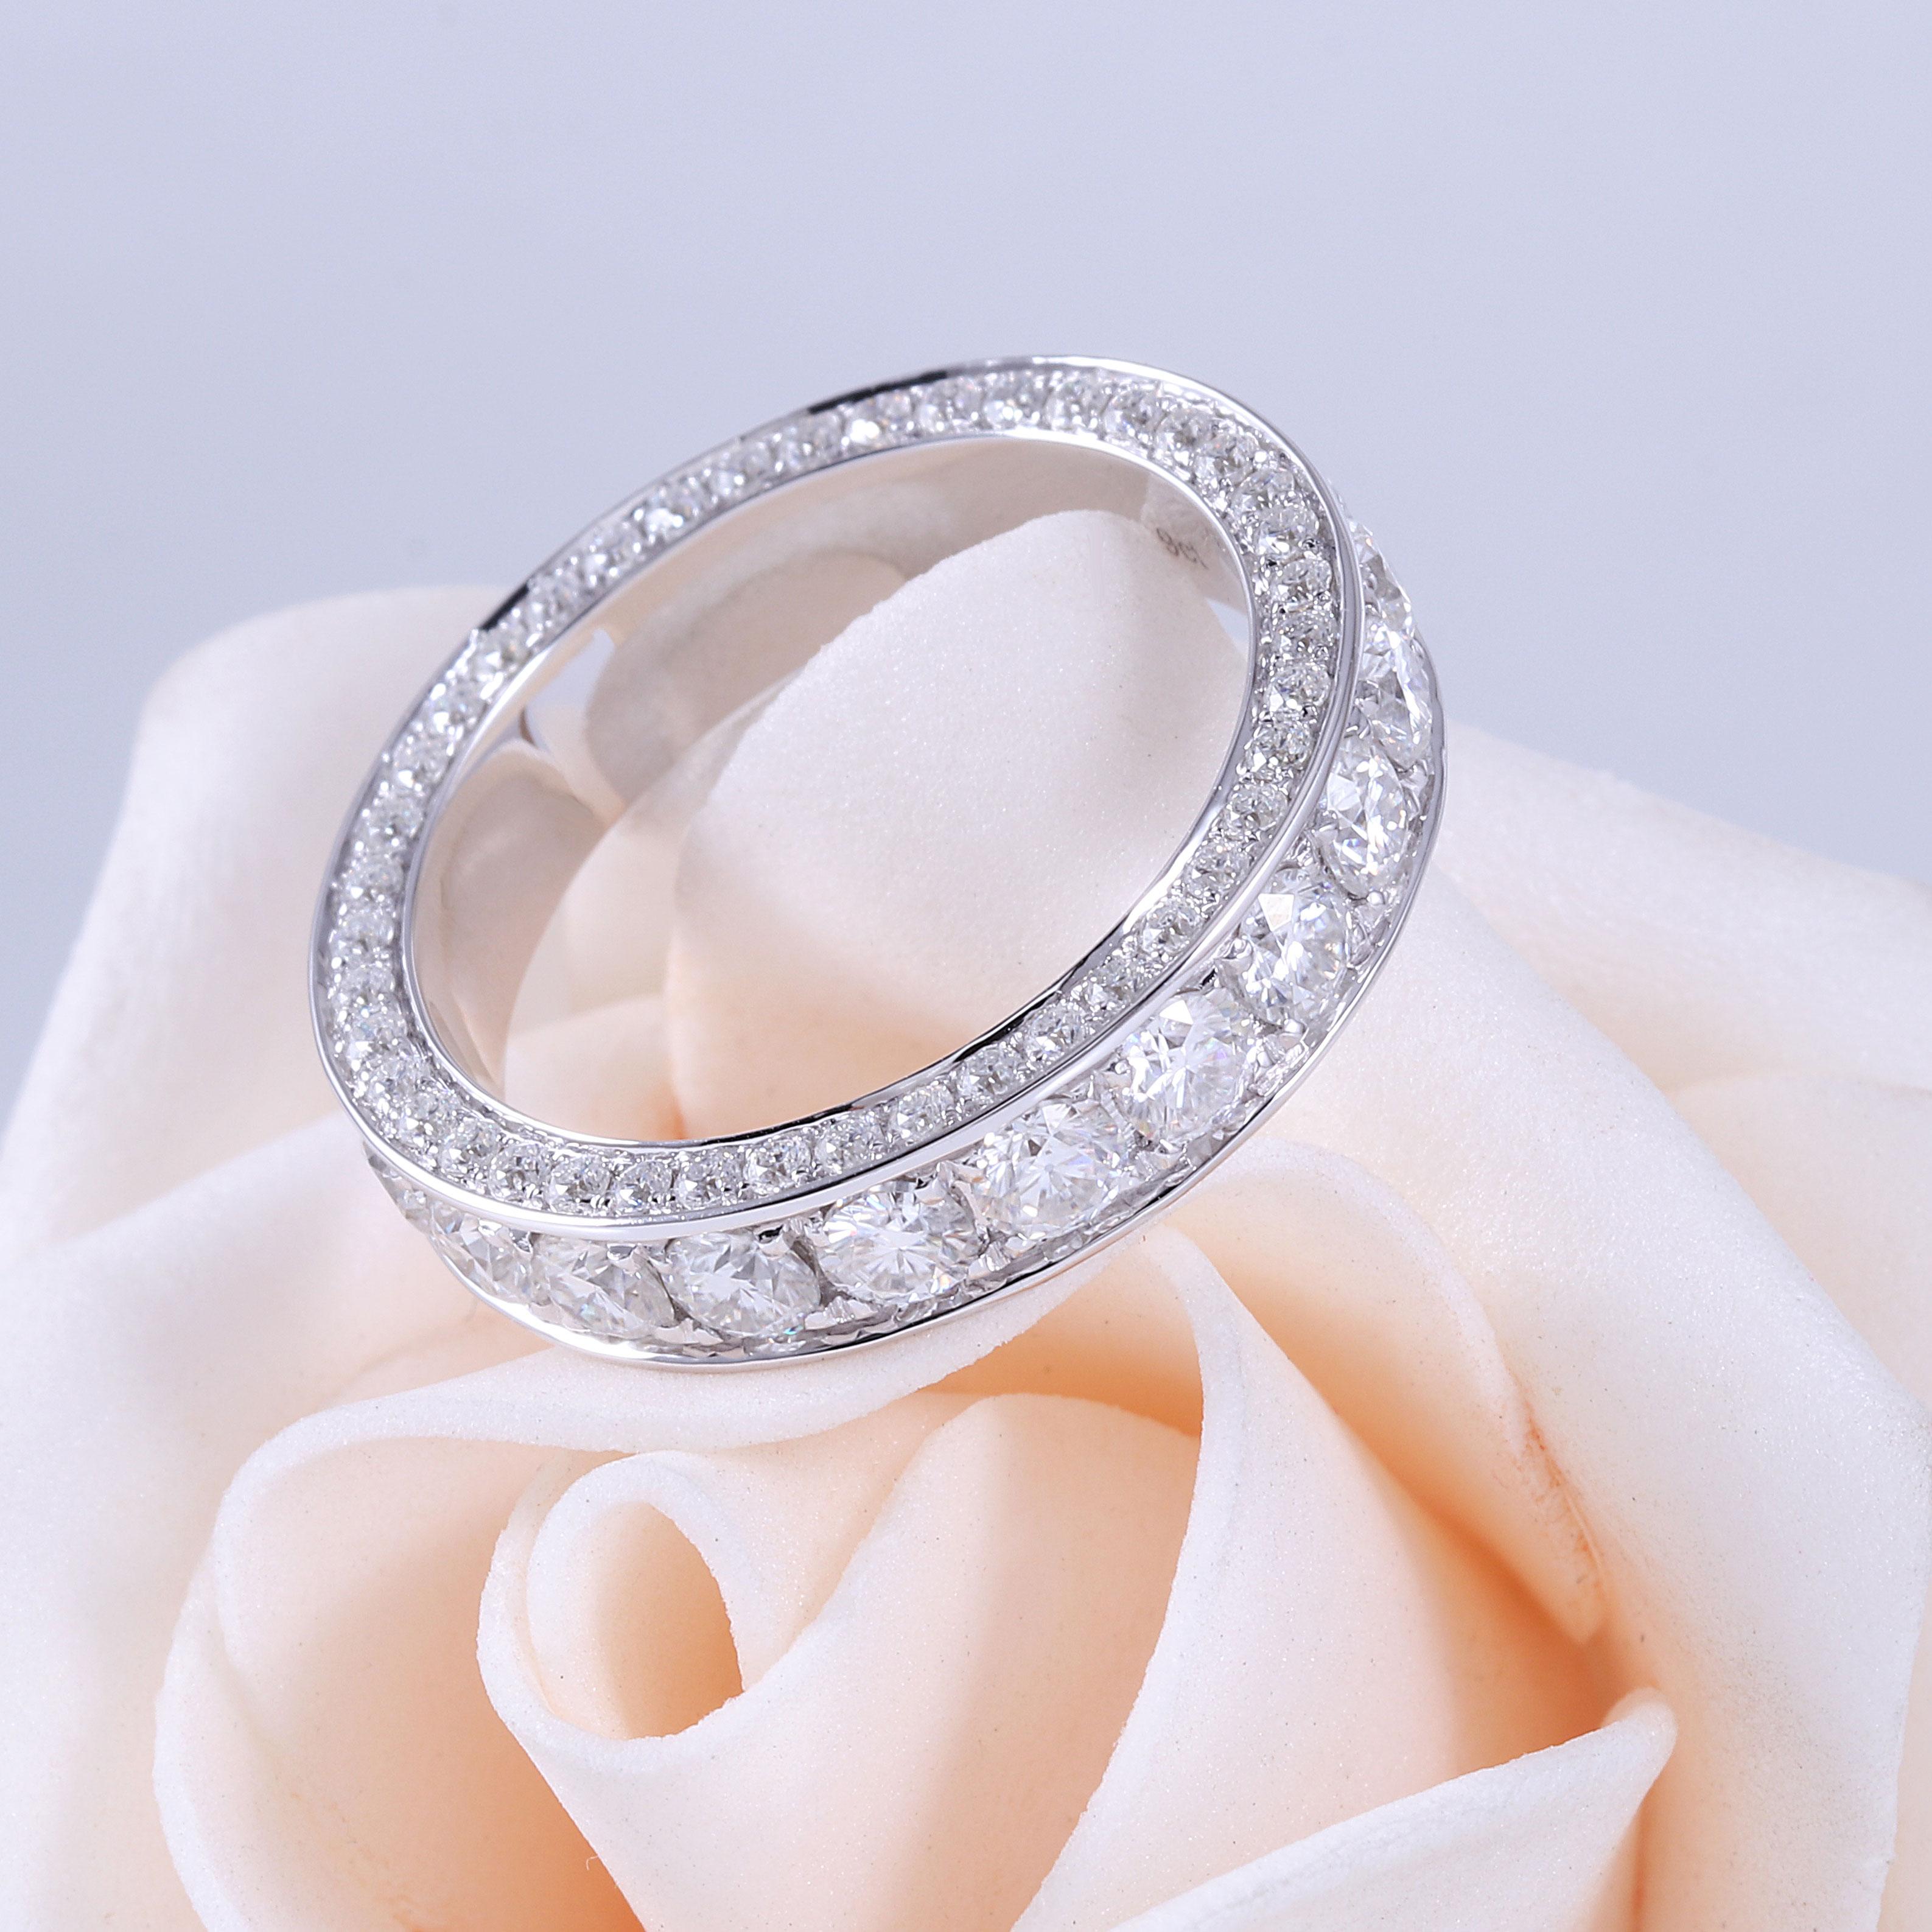 Transagems 14K białe złoto F kolor Moissanite wieczność rocznica Wedding Band pierścionek zaręczynowy dla kobiet i mężczyzn biżuteria w Pierścionki od Biżuteria i akcesoria na  Grupa 3